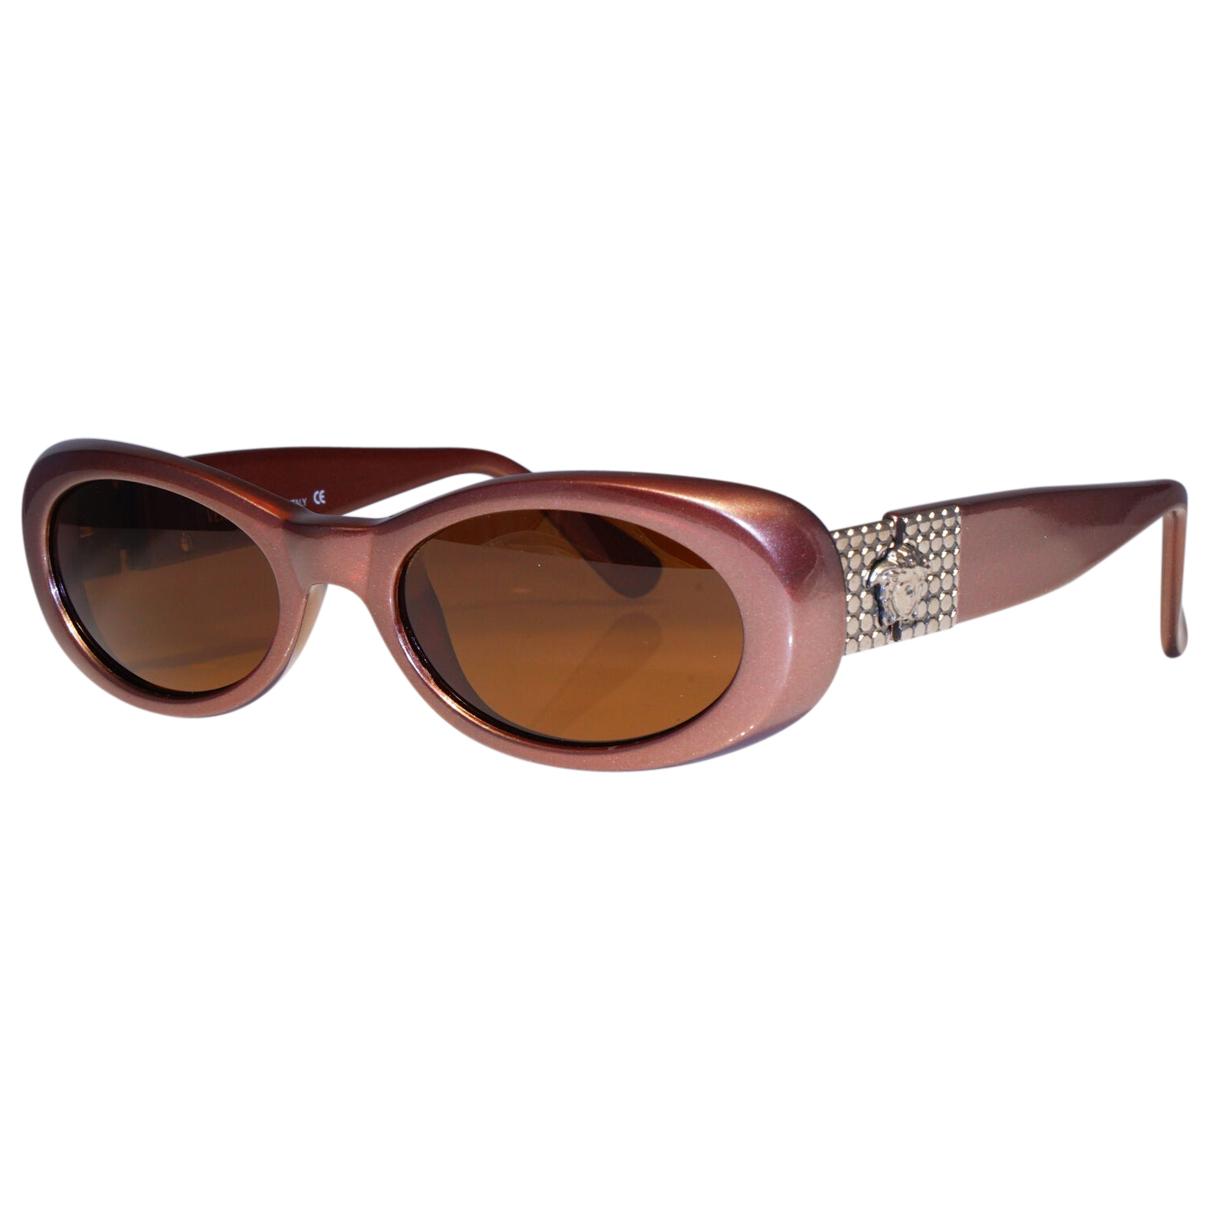 Gianni Versace - Lunettes   pour femme - rose